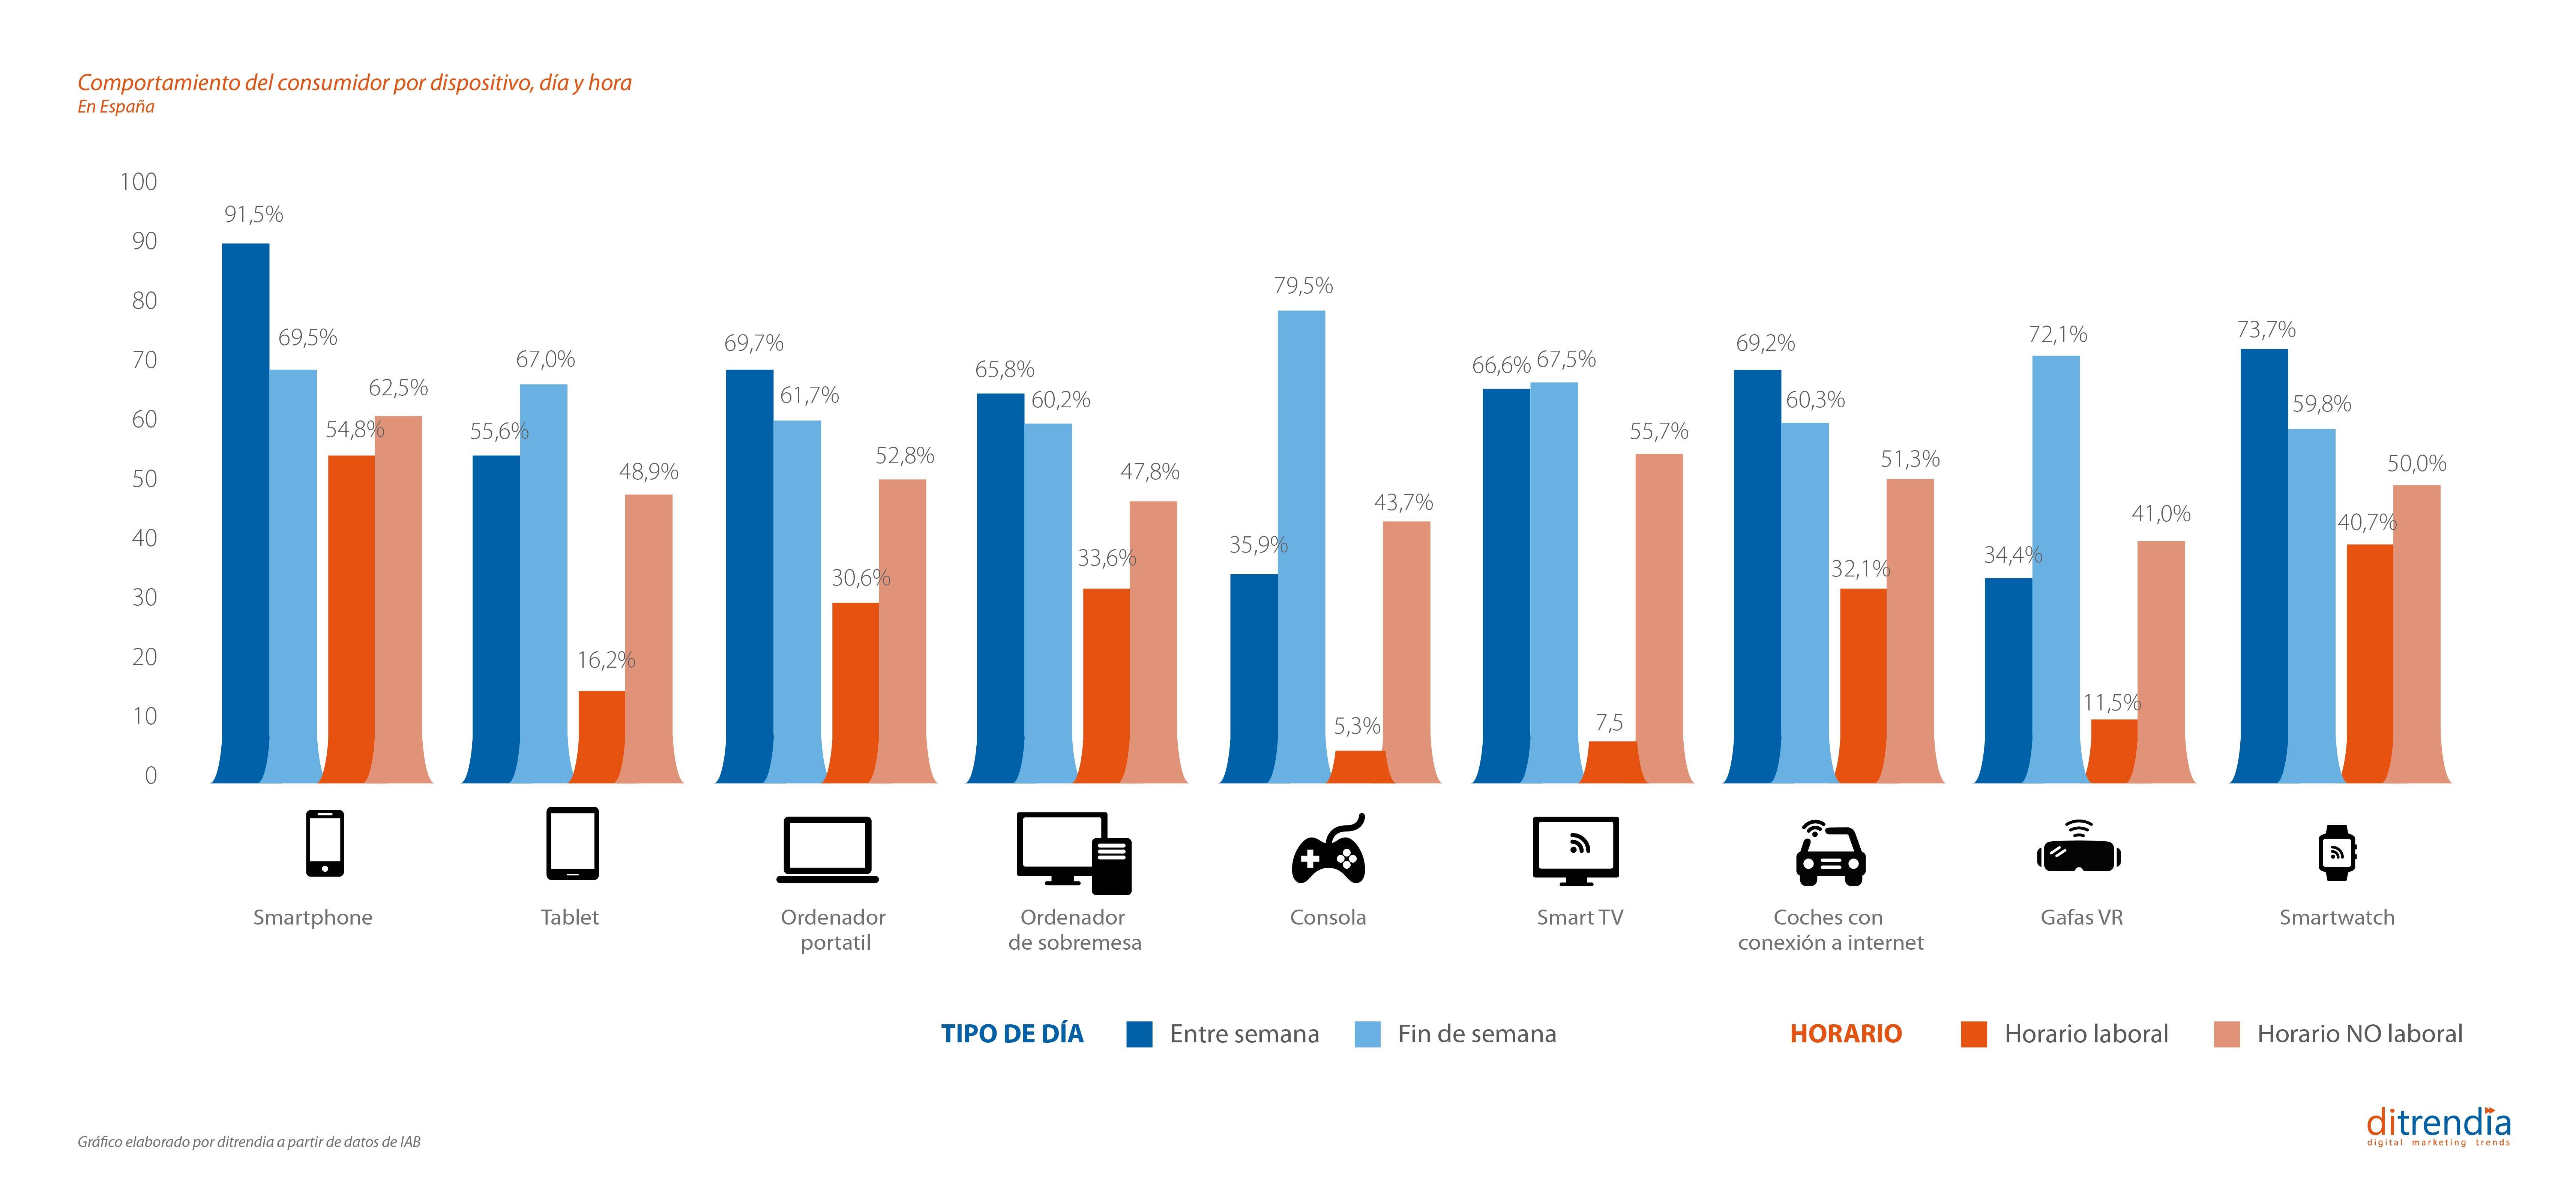 Comportamiento del consumidor por dispositivo en España